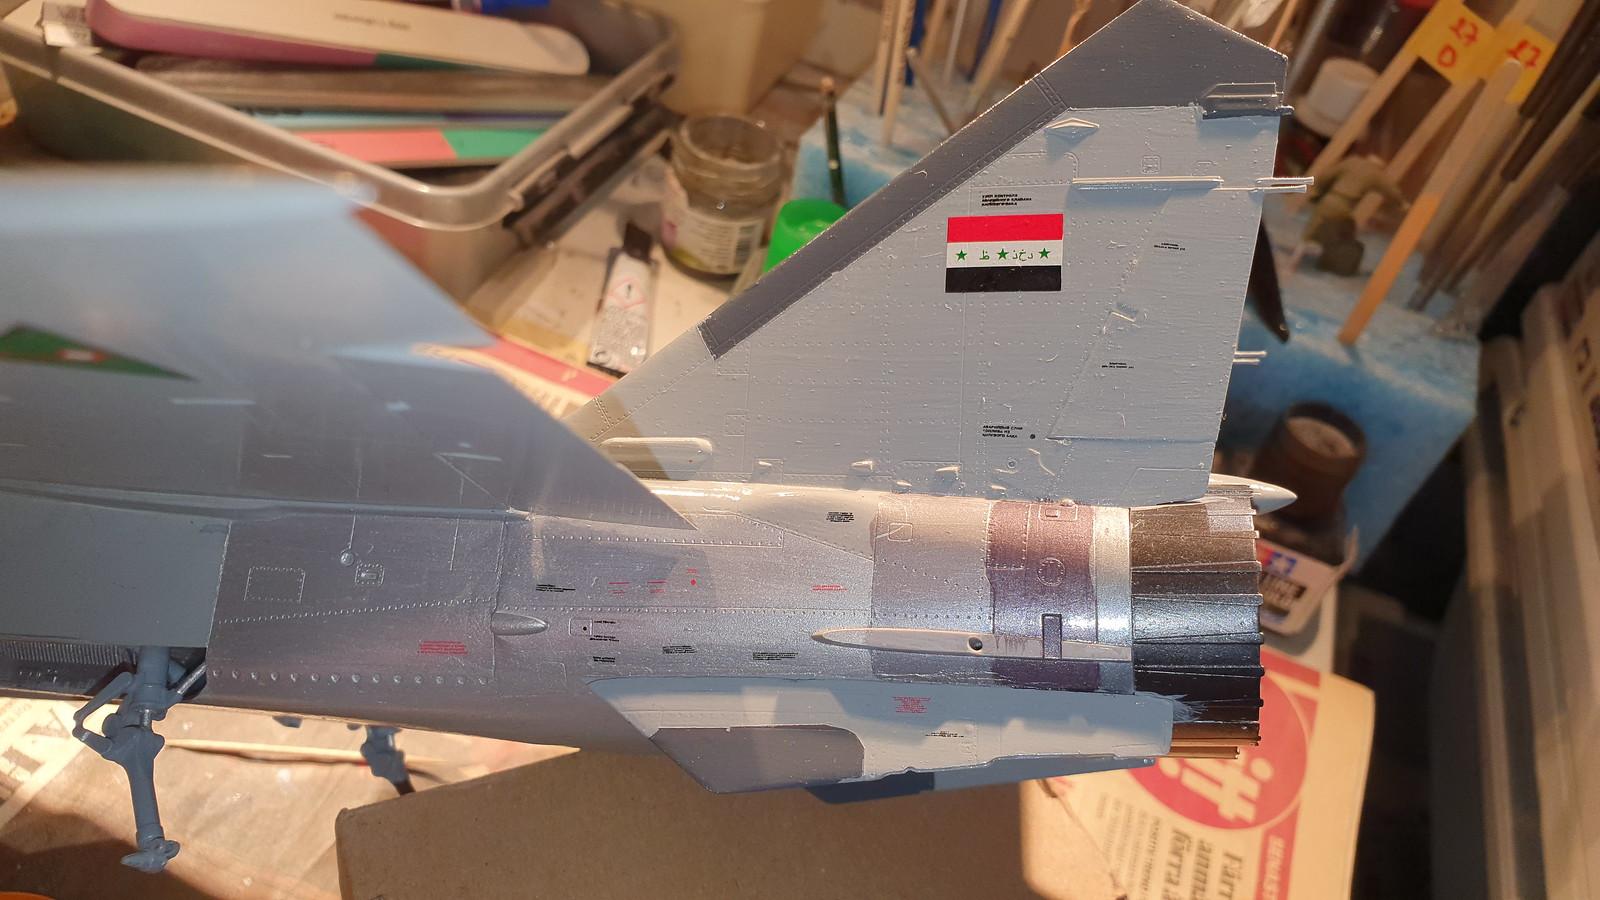 MiG-25BM Iraqi Air Force 1988 - ICM/Revell 1/48 + extra - Färdig! - Sida 7 48948807332_1d12734f4a_h